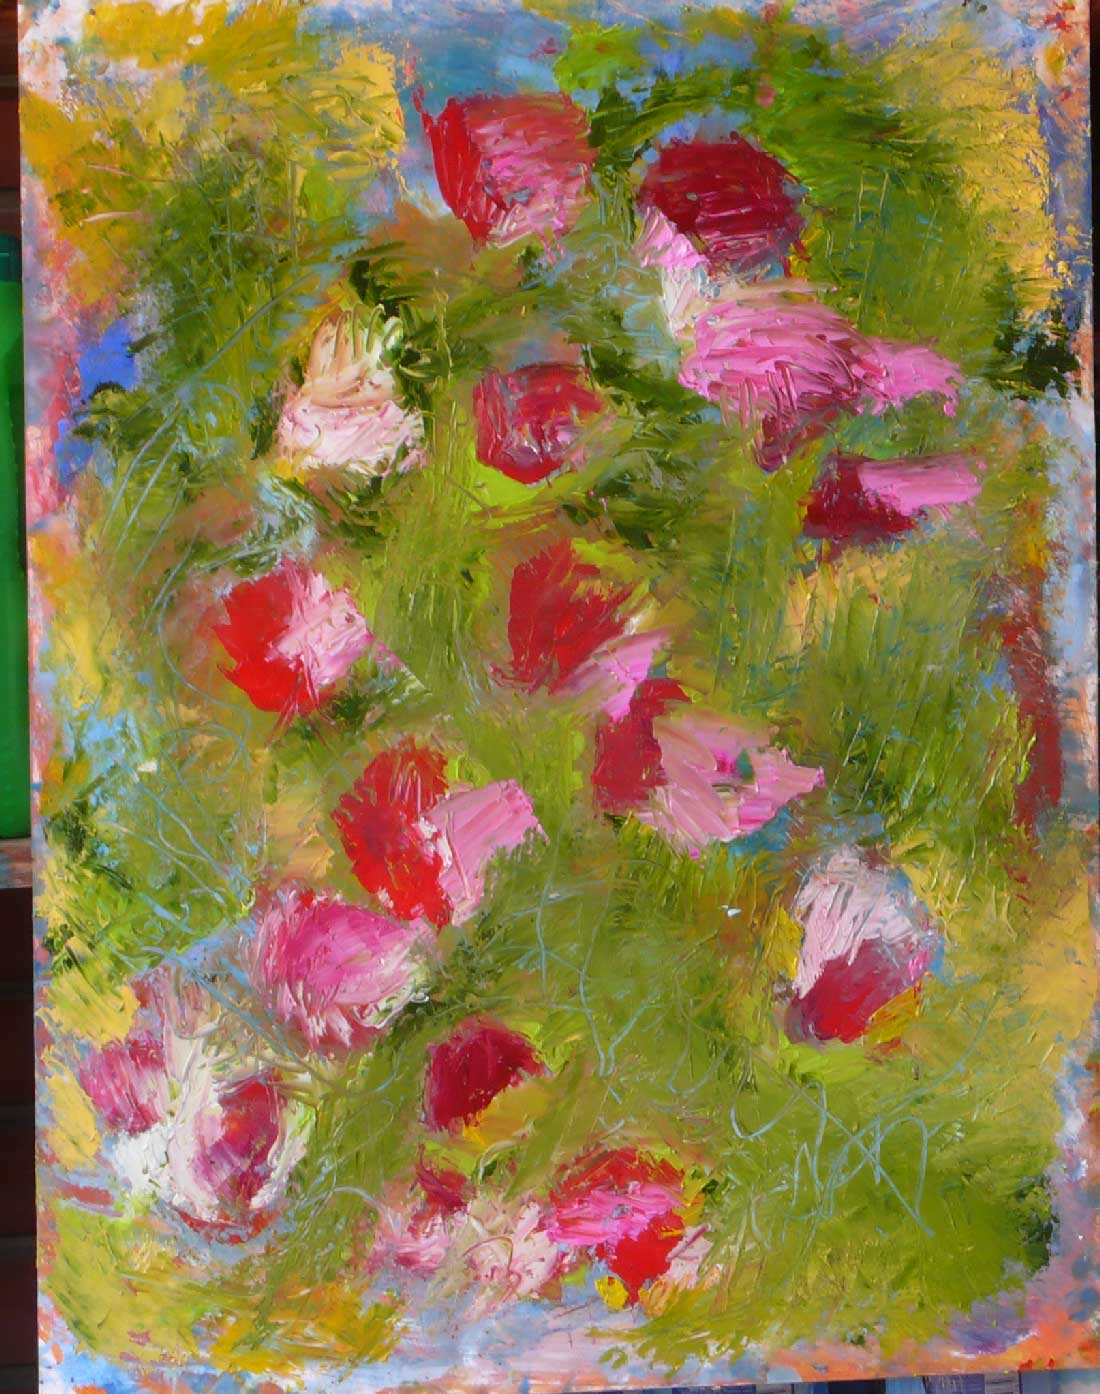 Fiori di campo for Fiori dipinti a olio